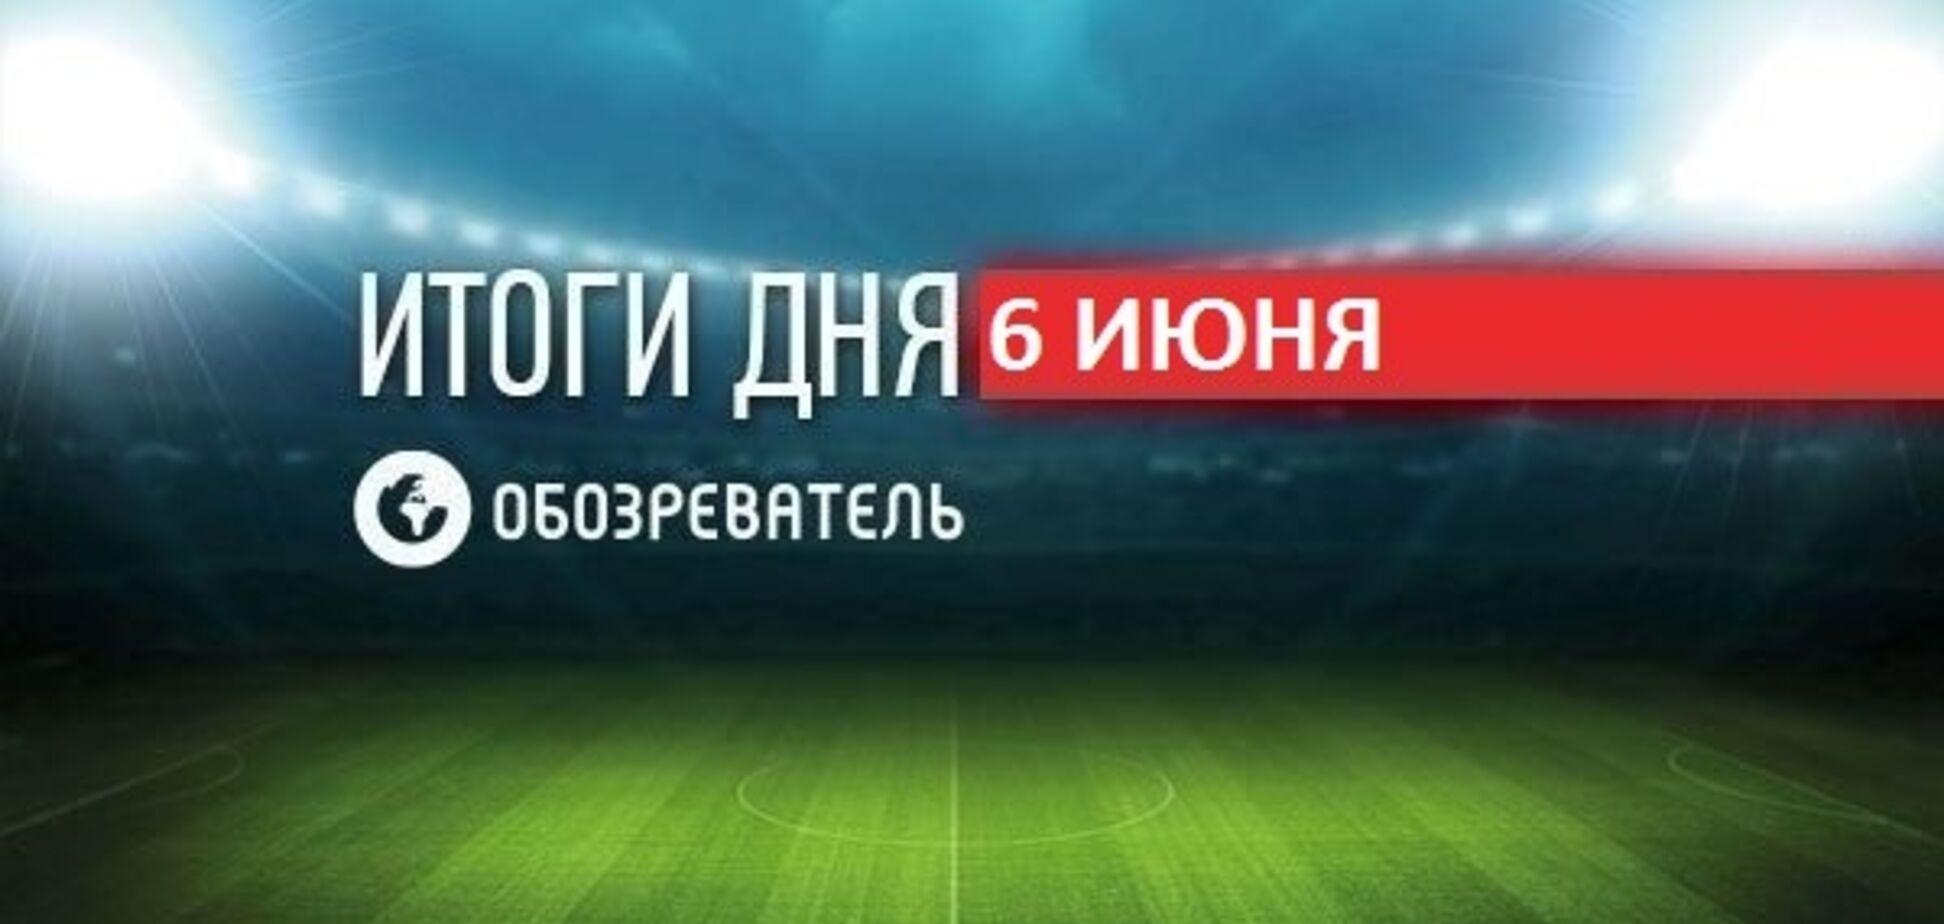 Кличко принял решение о бое в 2019 году: спортивные итоги 6 июня